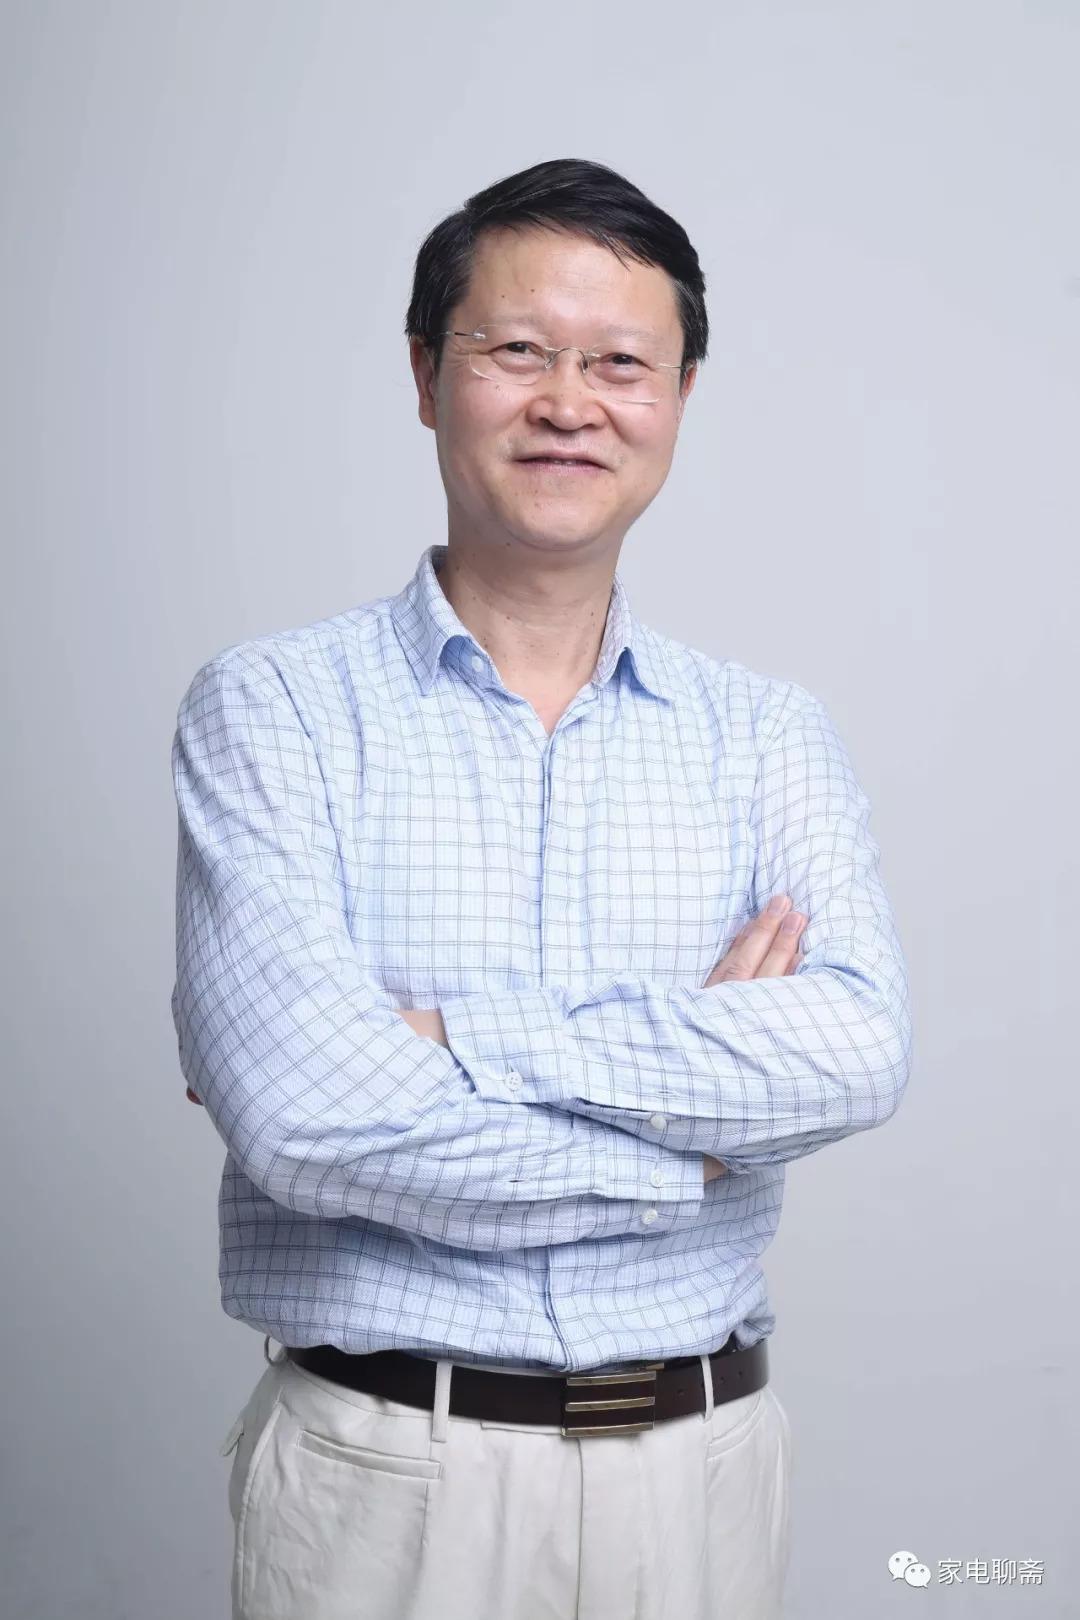 张俊:他做生意很抠门,内容曝出,曹德旺机智应对... _网易视频